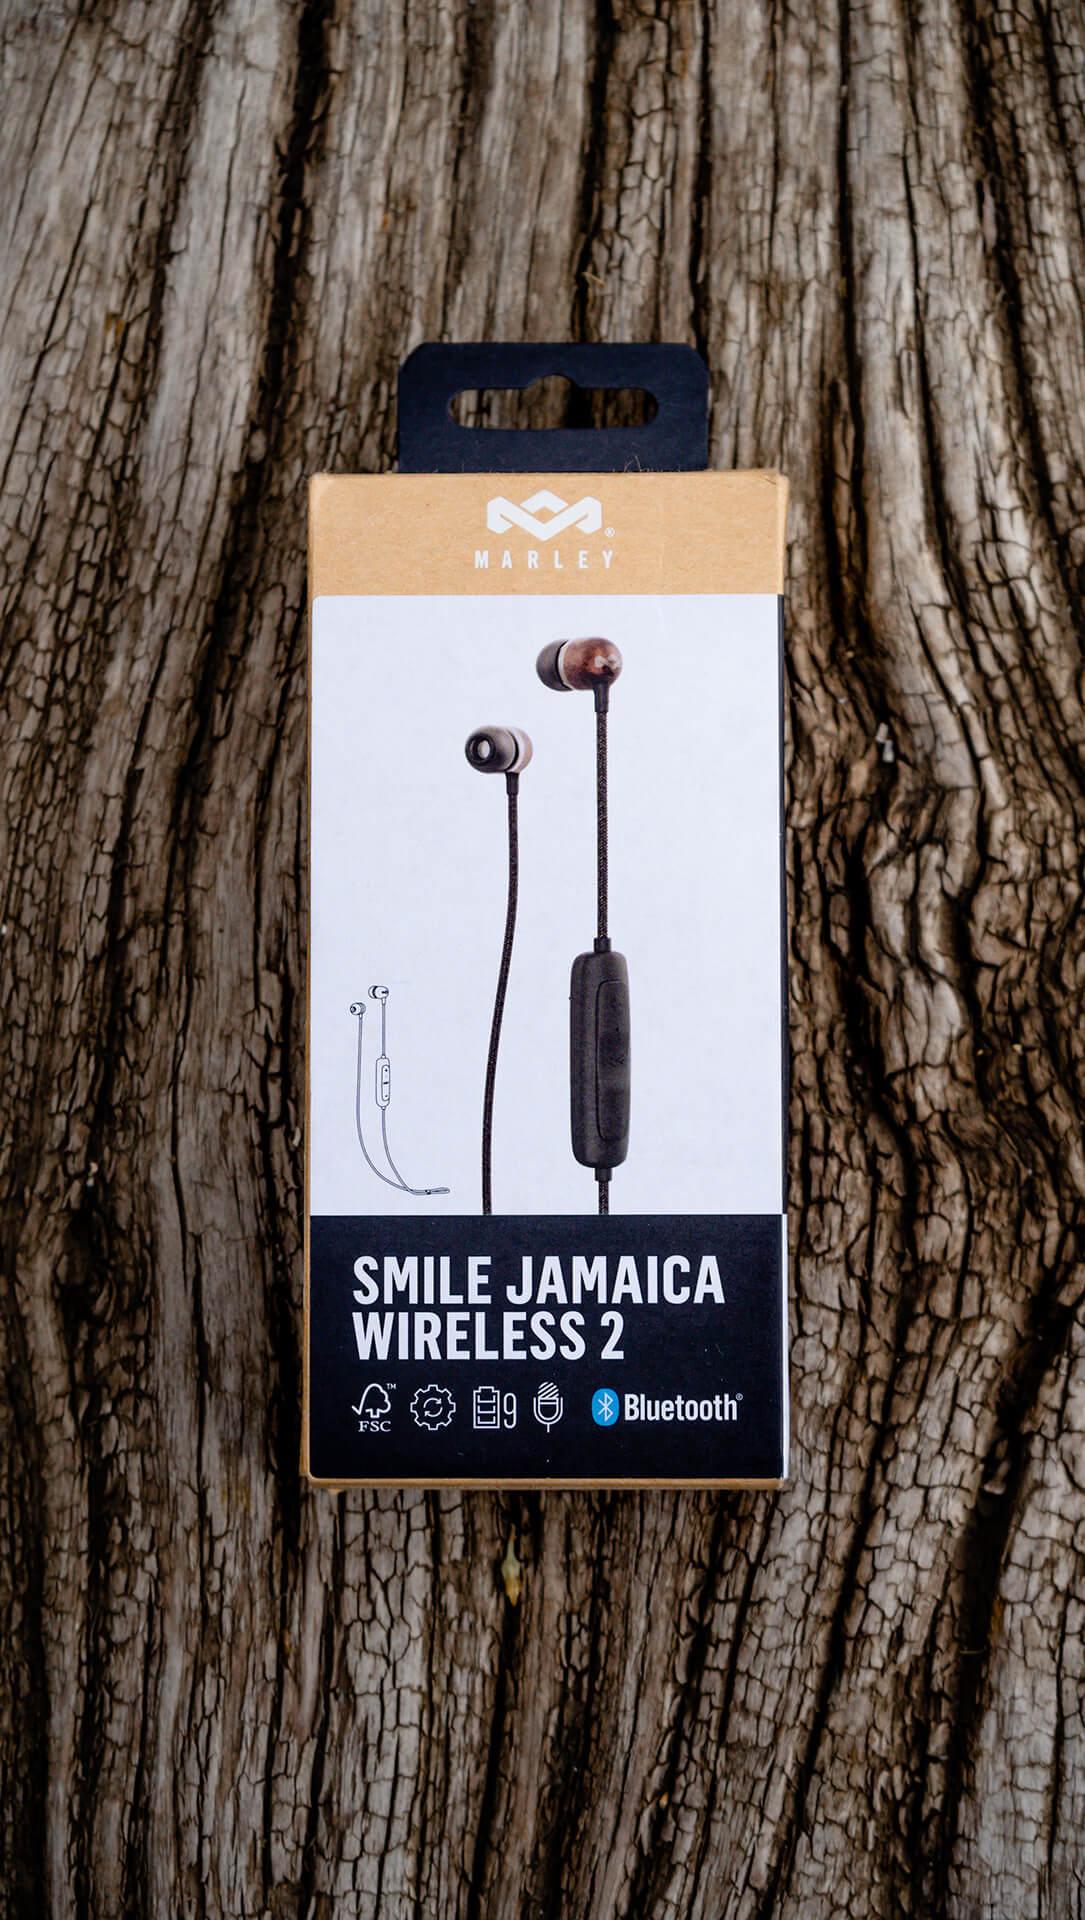 Audífonos Smile Jamaica BT 2 Black negro de The House of Marley